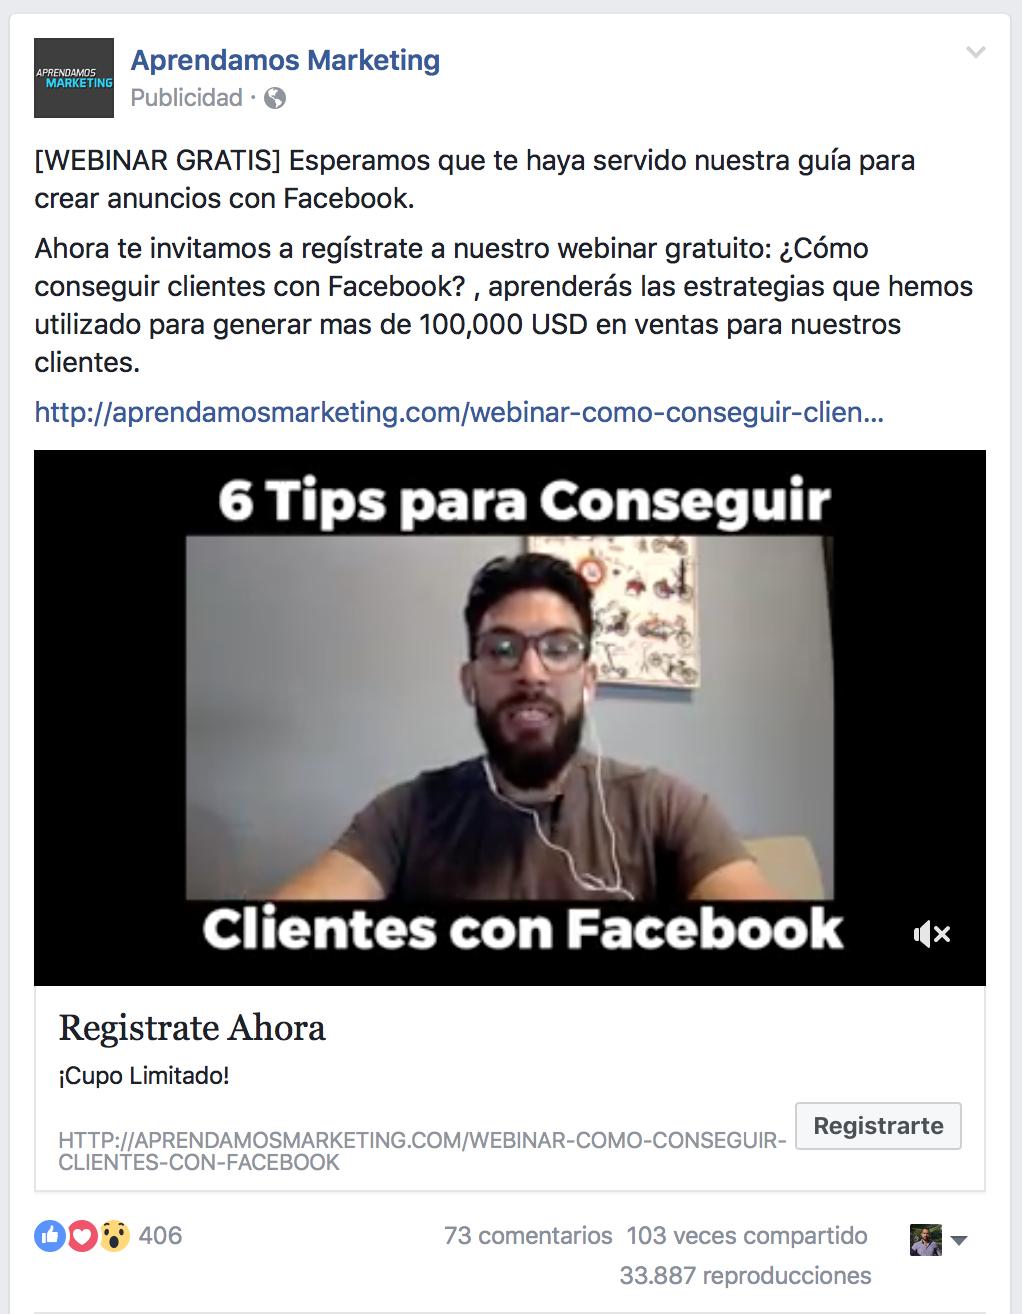 anuncios-con-videos-exitosos-en-facebook